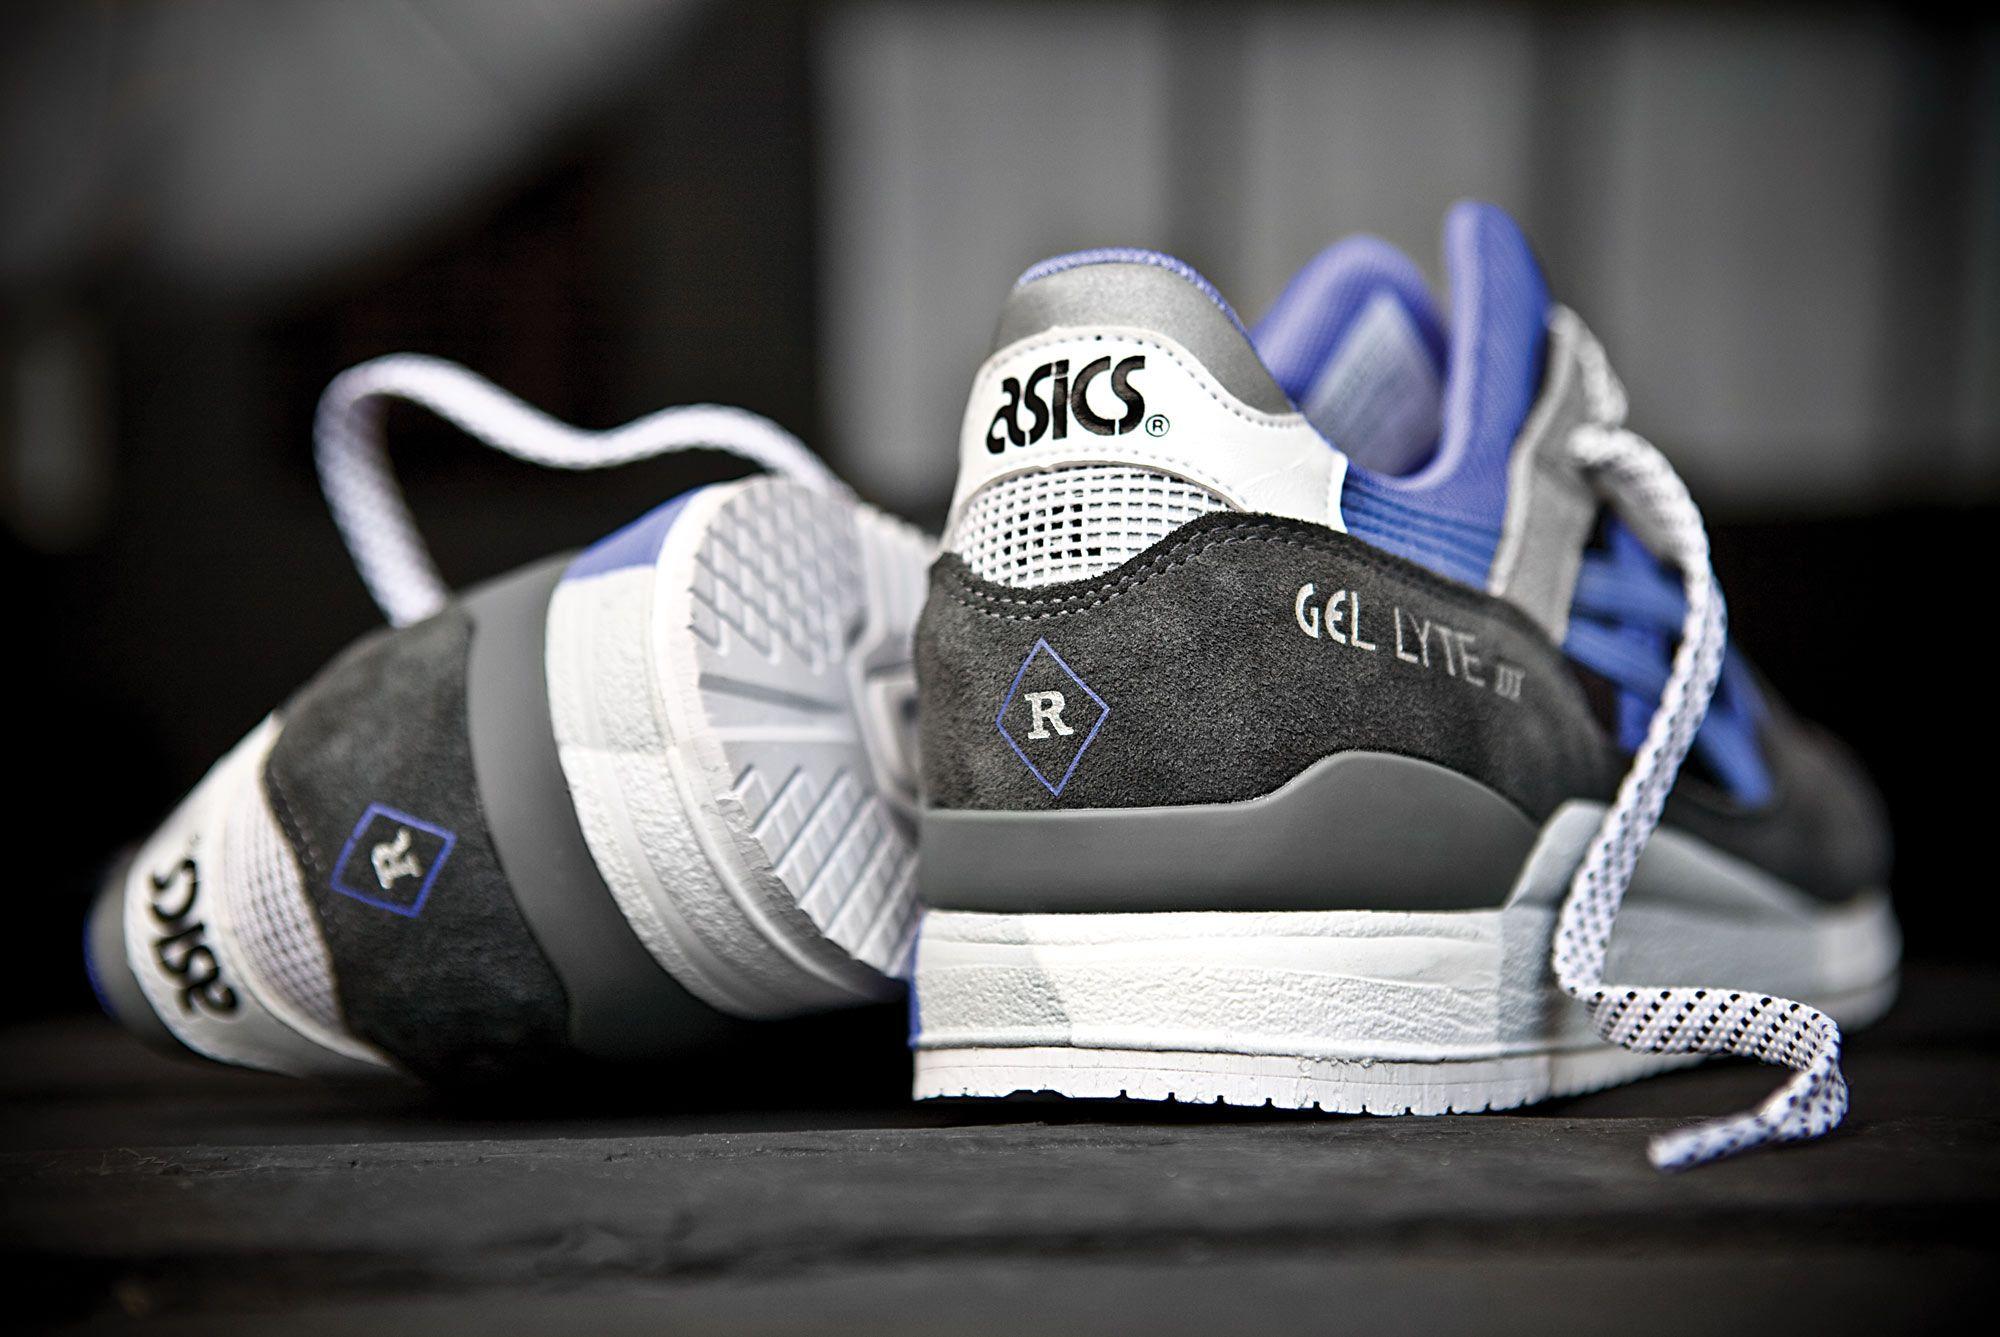 Sneaker Freaker x ASICS GEL-Lyte III 'Alvin Purple'